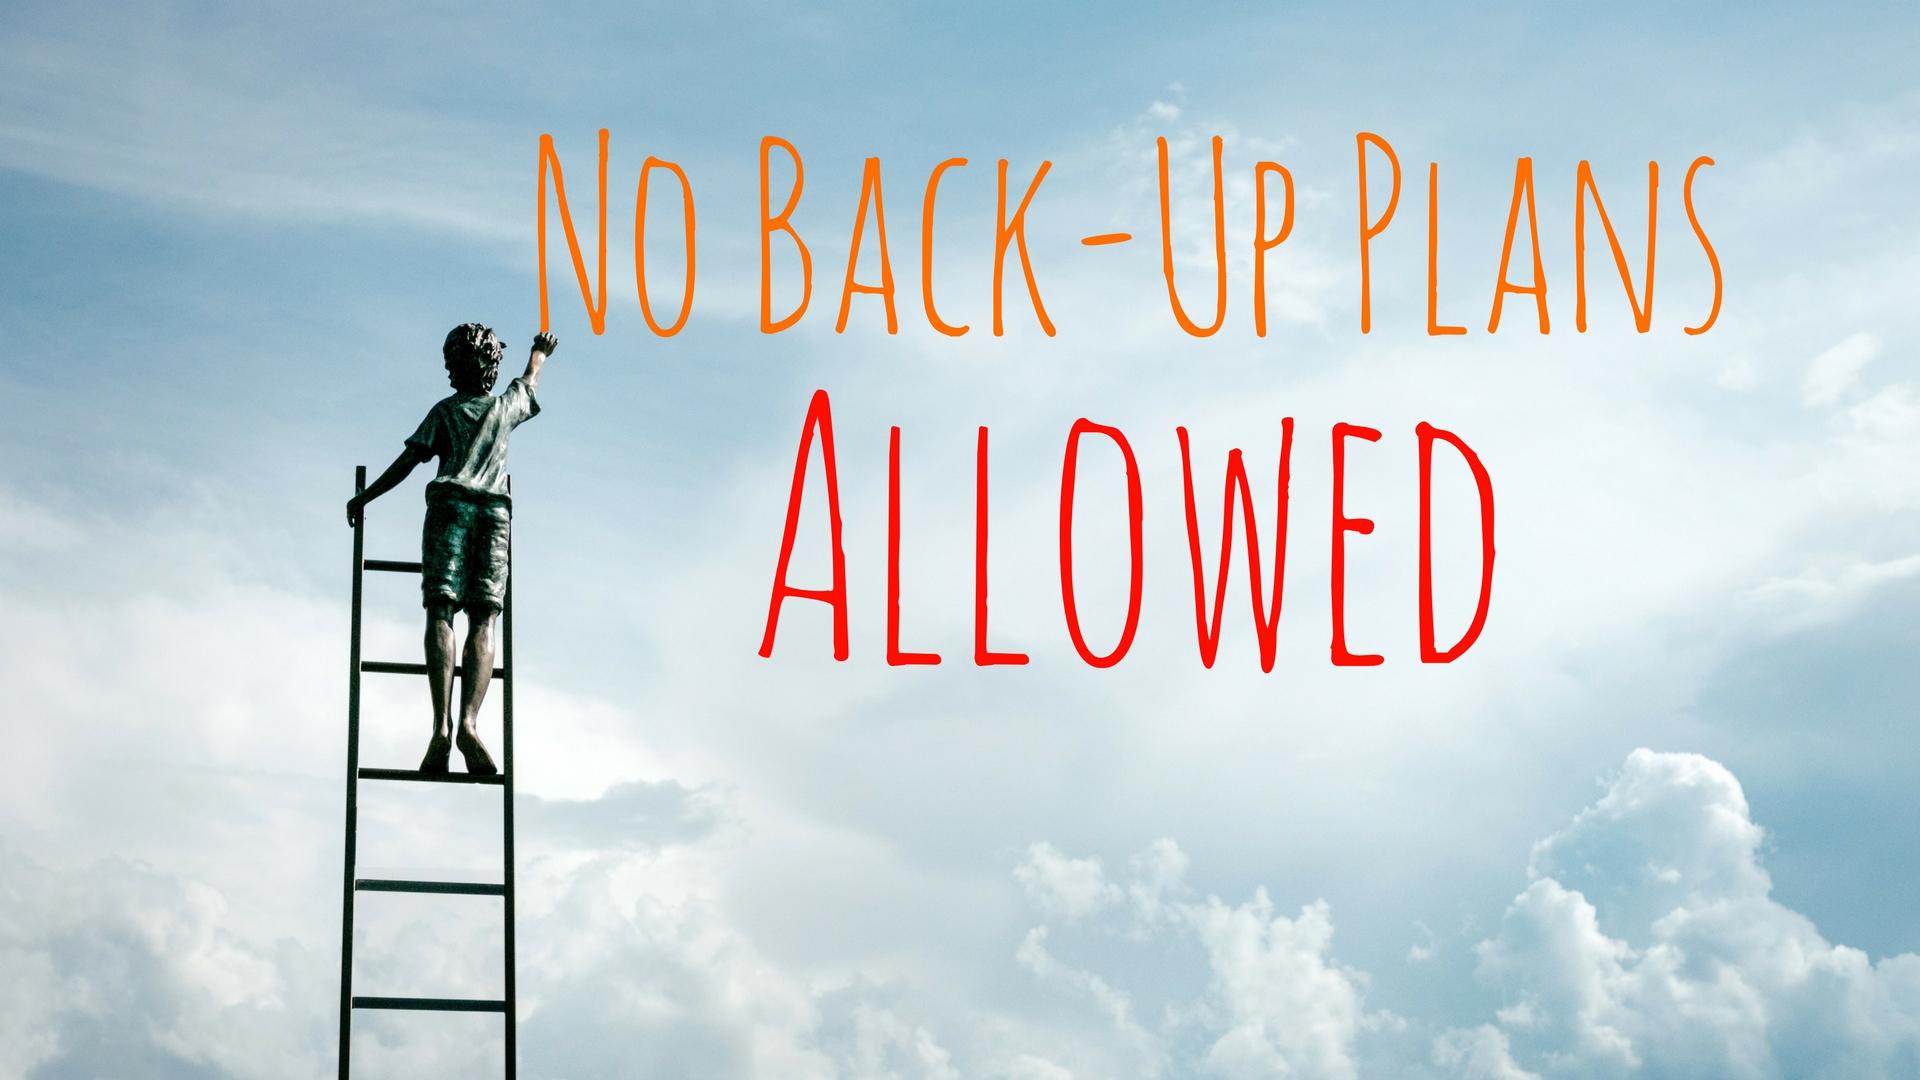 banner-no-back-up-plans-allowed.jpg